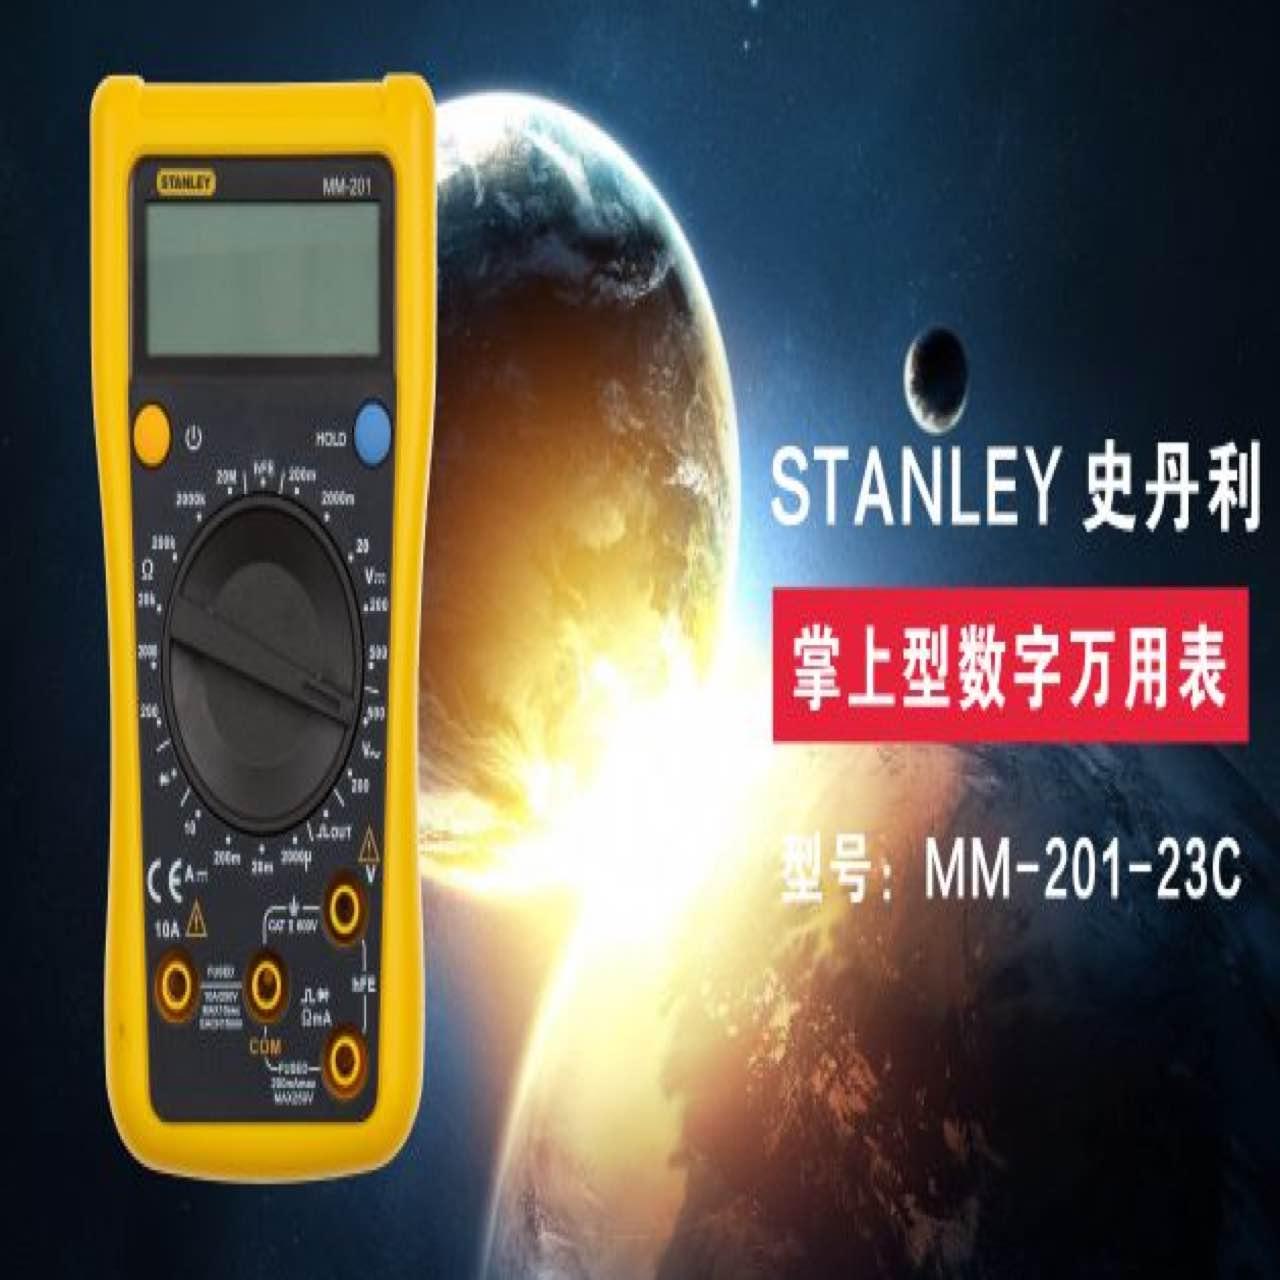 史丹利万用表201背光防烧高精度万能数显多用电表